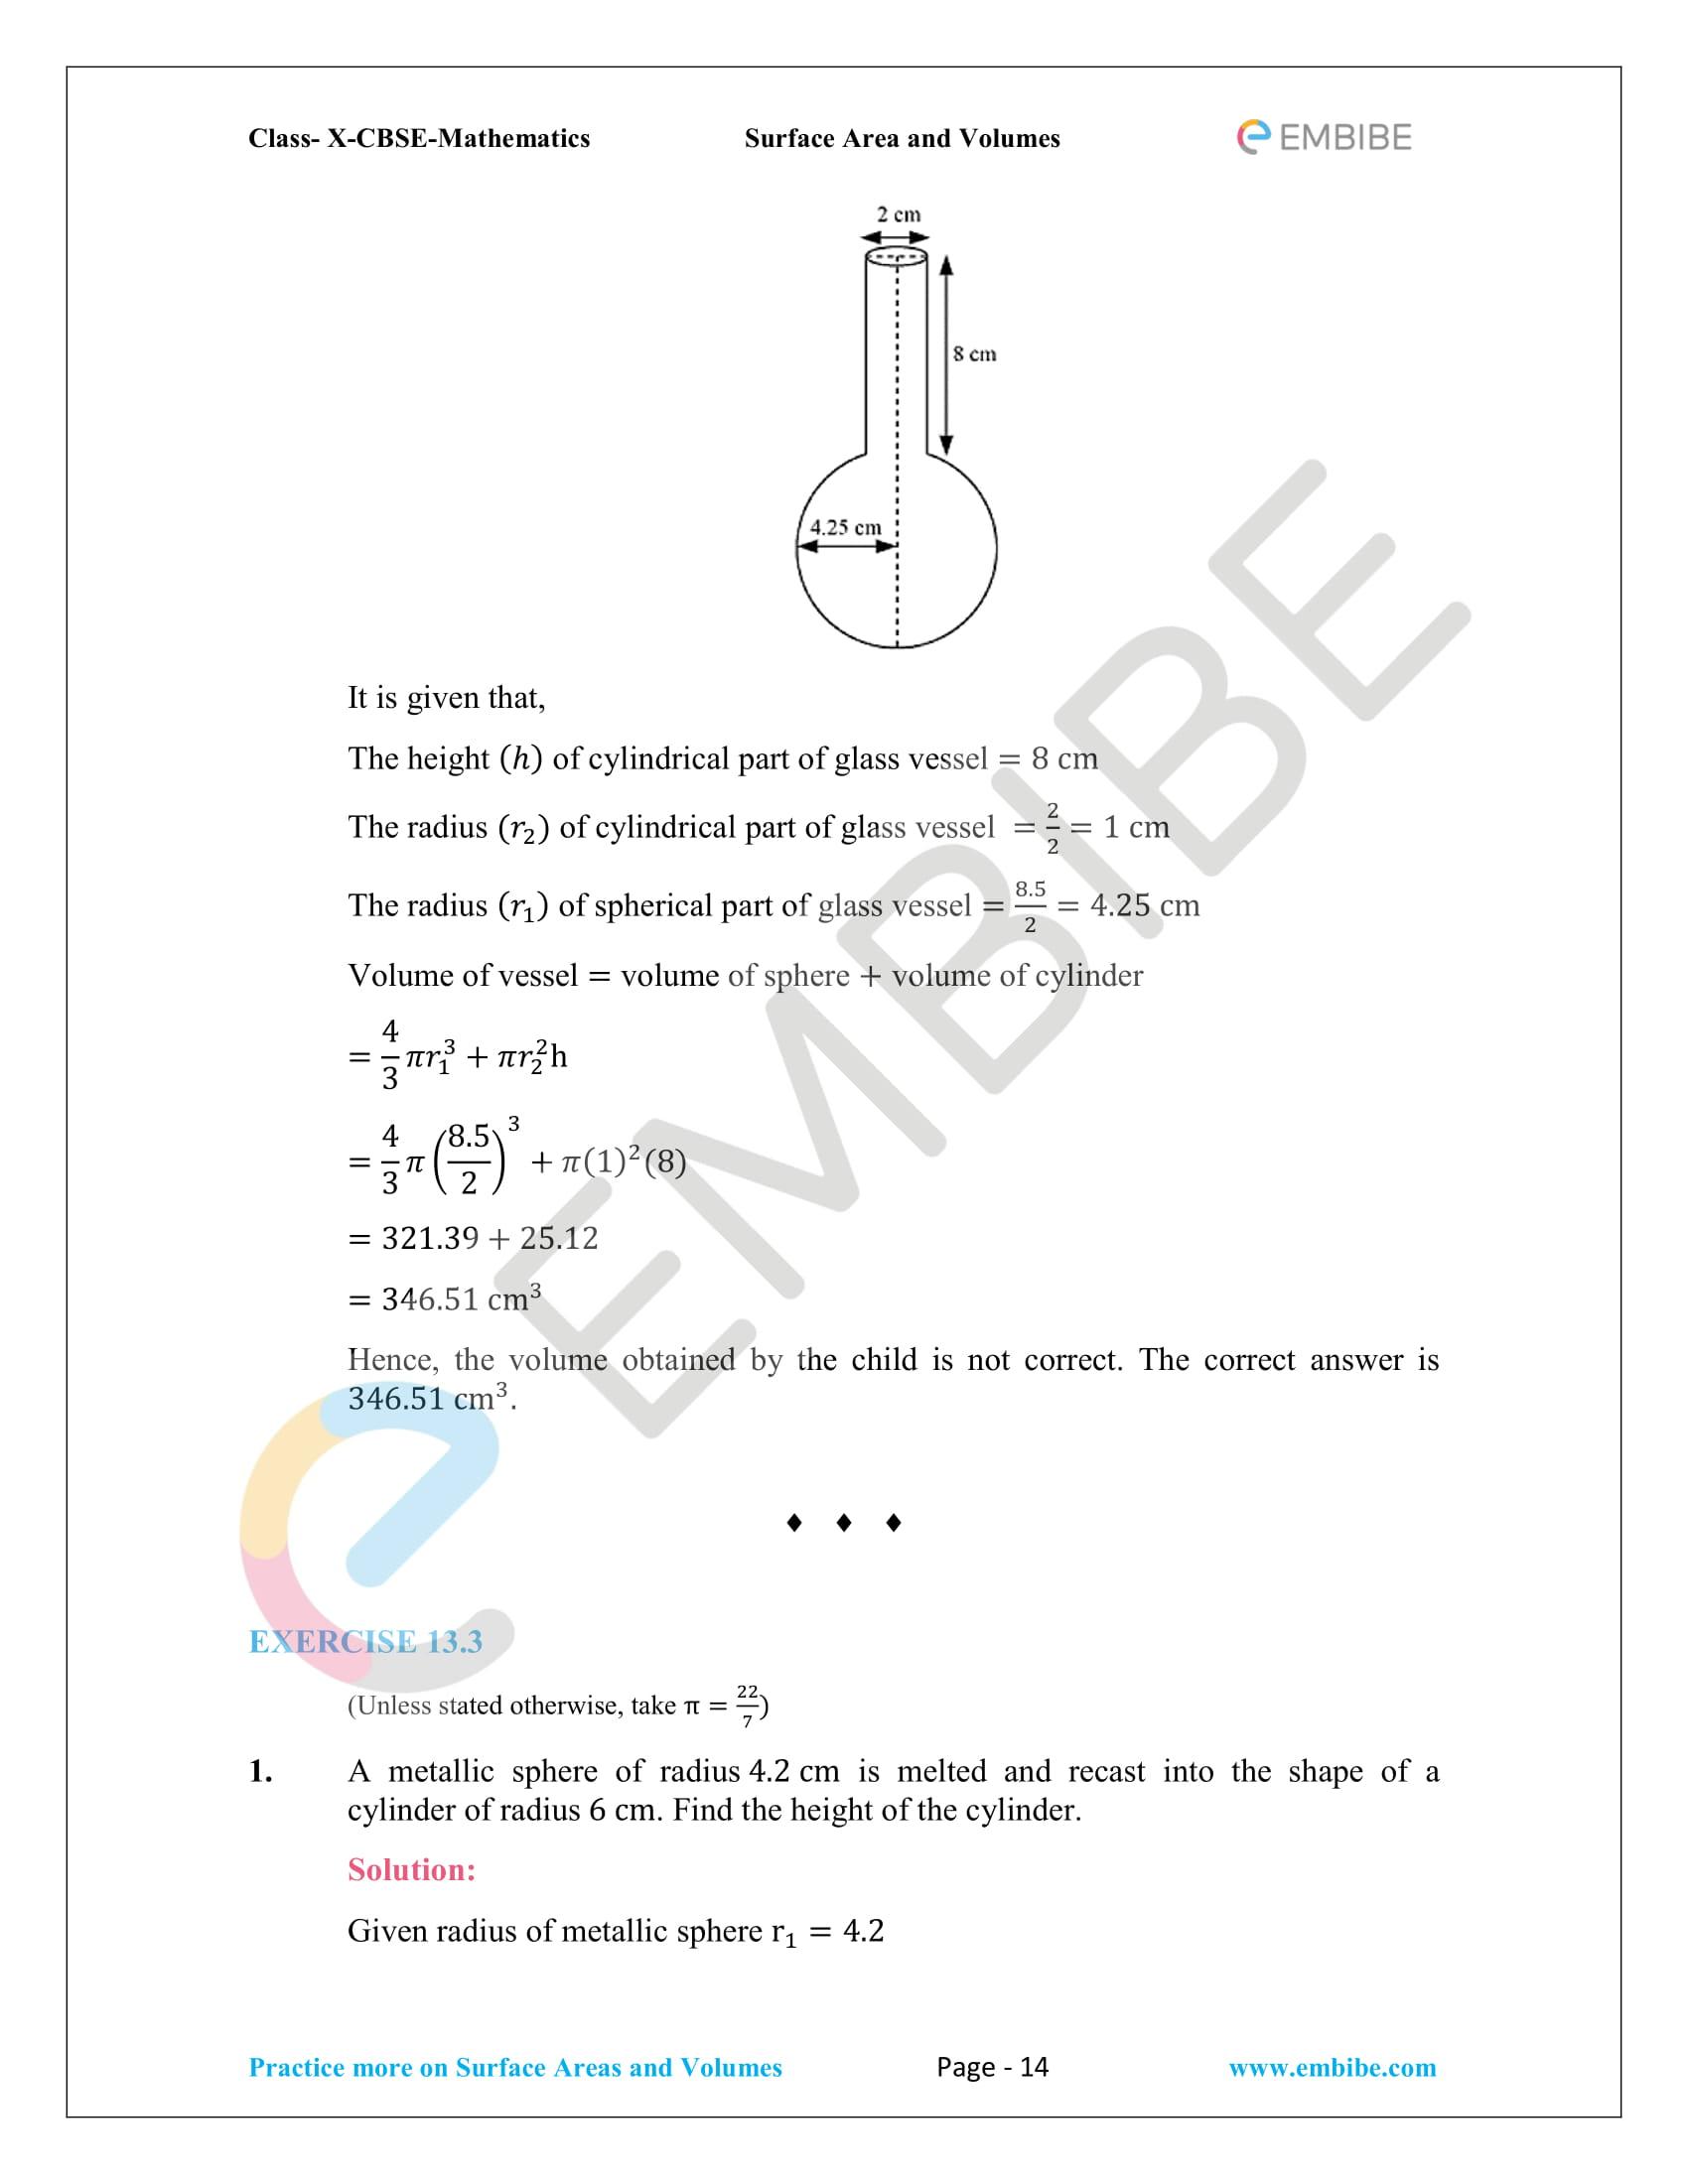 CBSE NCERT Solutions For Class 10 Maths Chapter 13